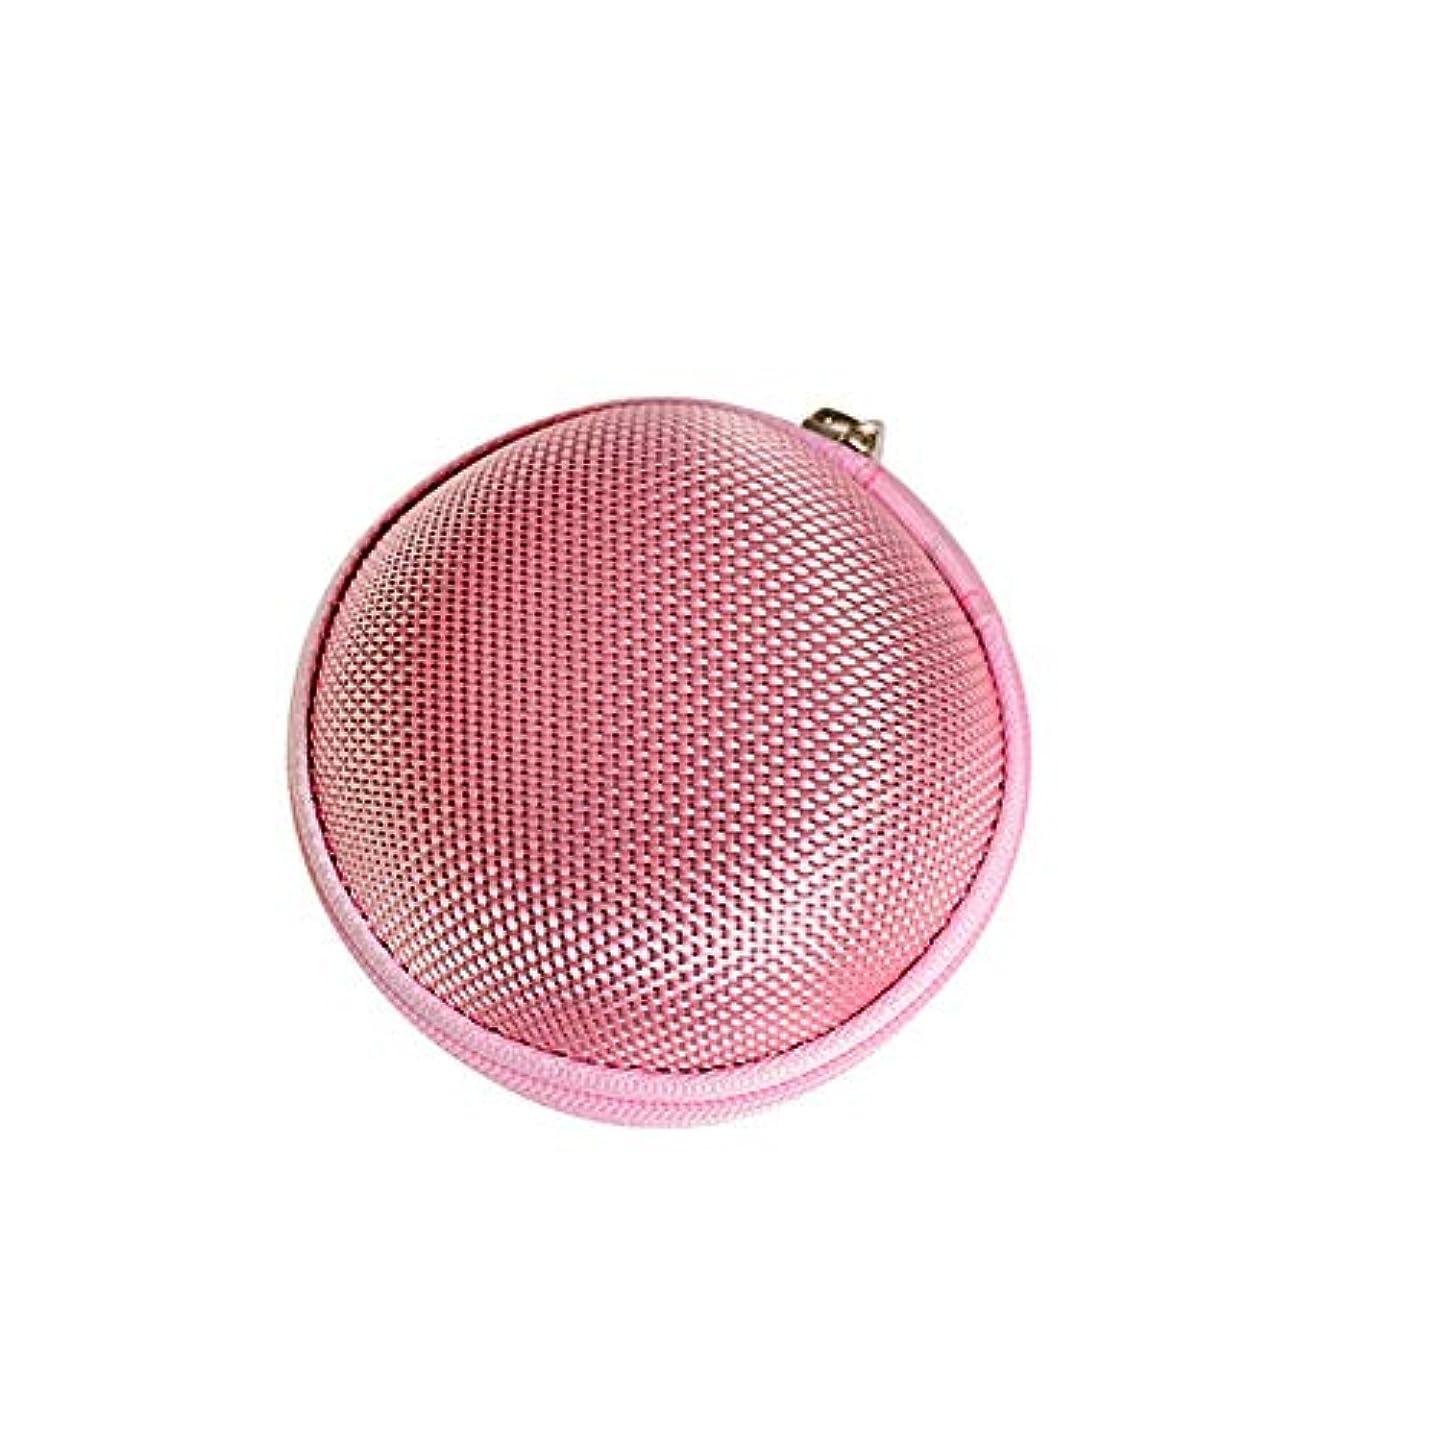 うぬぼれた効能ランドリーChinashow エッセンシャル オイル キャリング ケース - エッセンシャル オイル スモール ストレージ オーガナイザー フォーム インサート と 7本 ボトル付き(2ml)ピンク